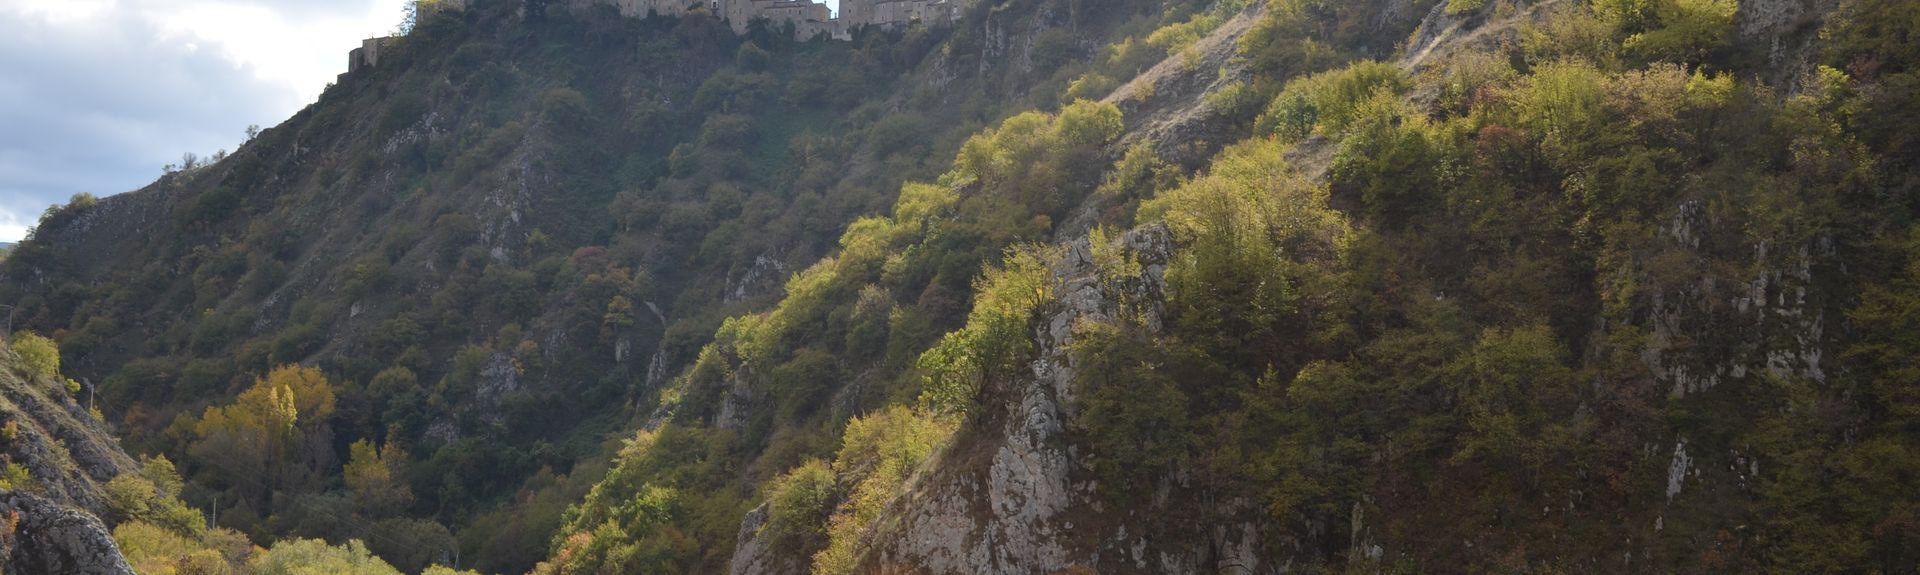 Opi, L'Aquila, Abruzzo, Italy